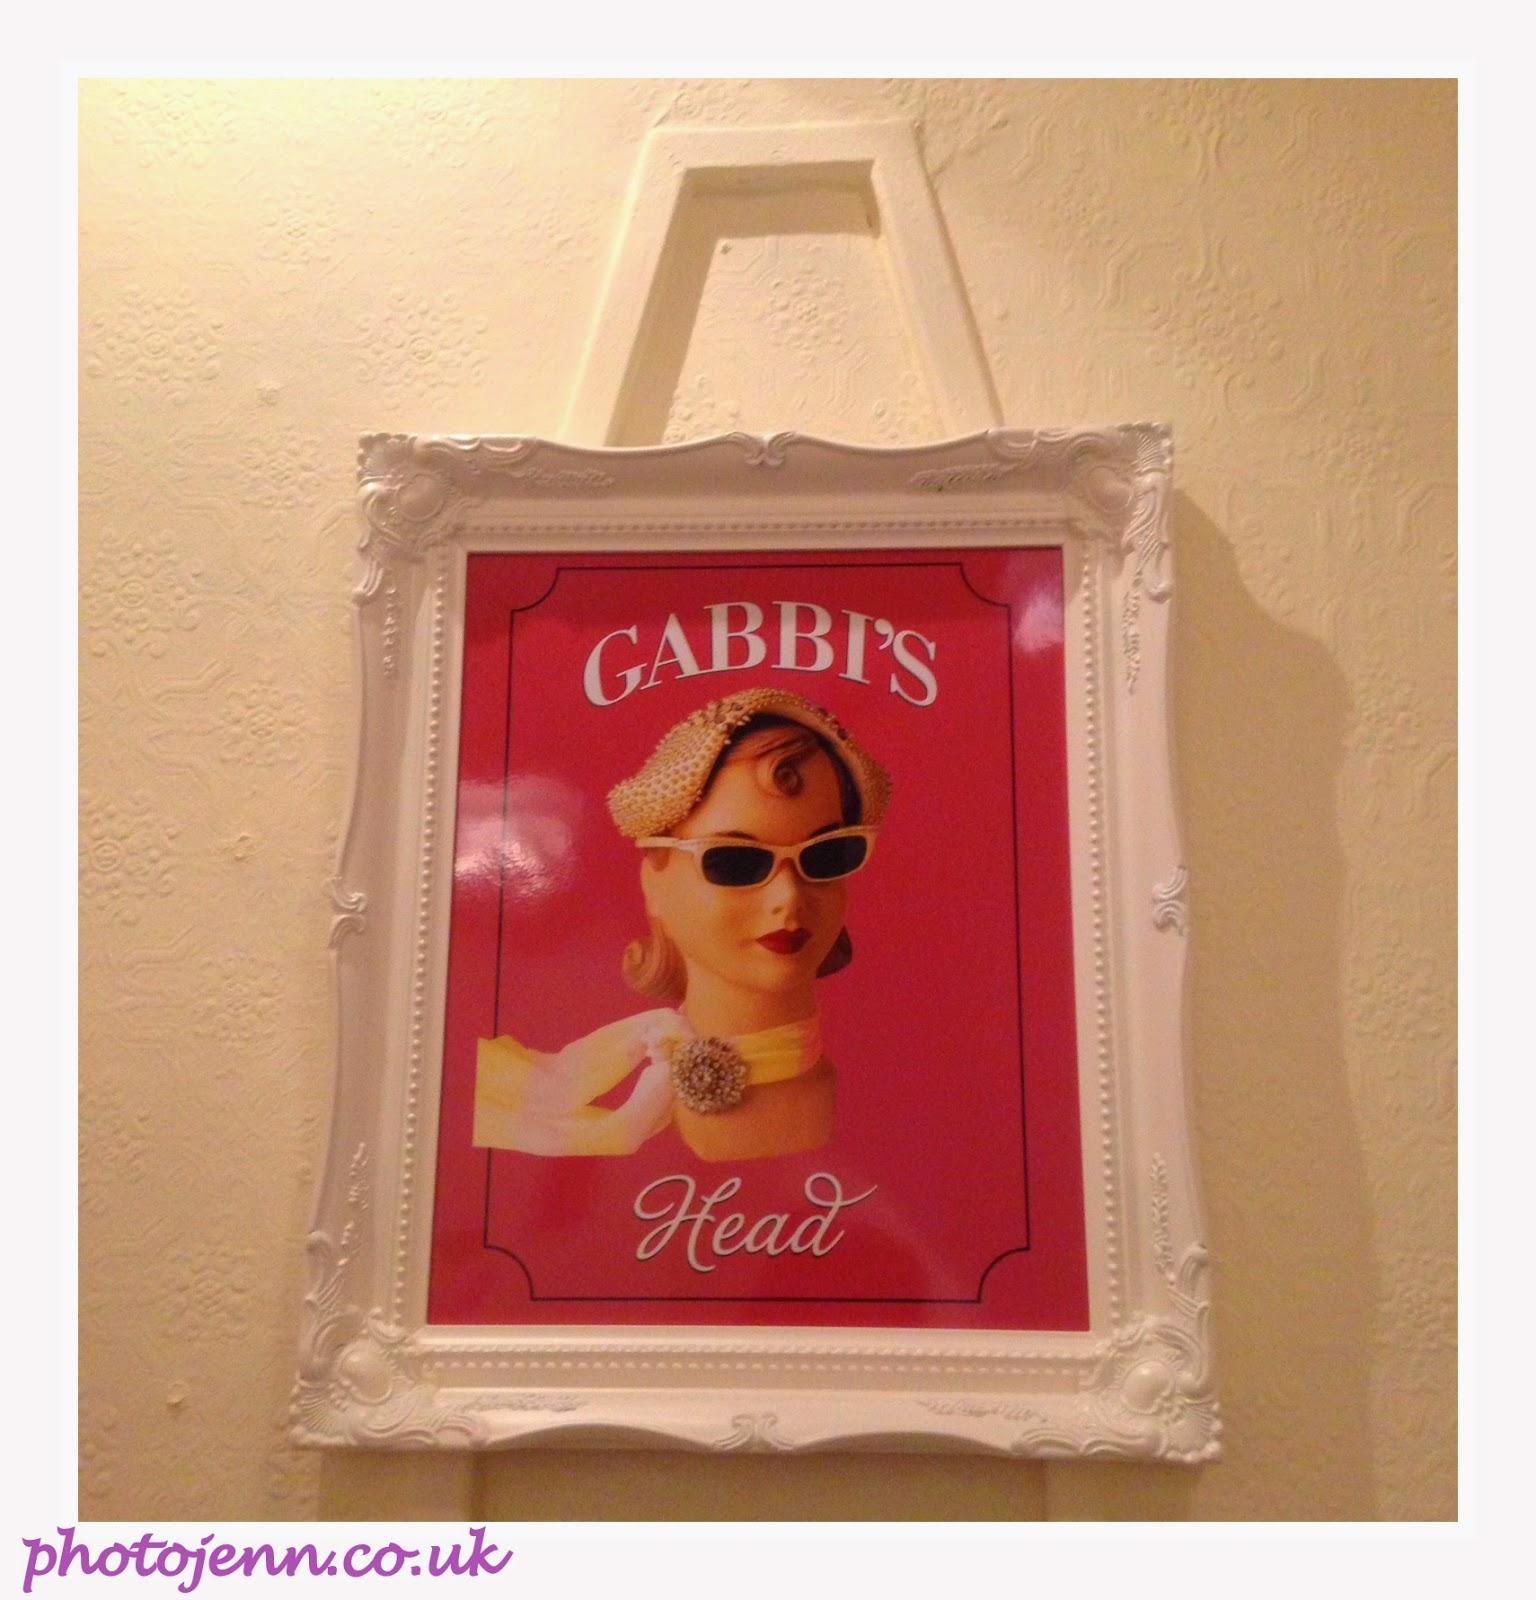 gabbis-head-pub-prince-of-wales-drury-lane